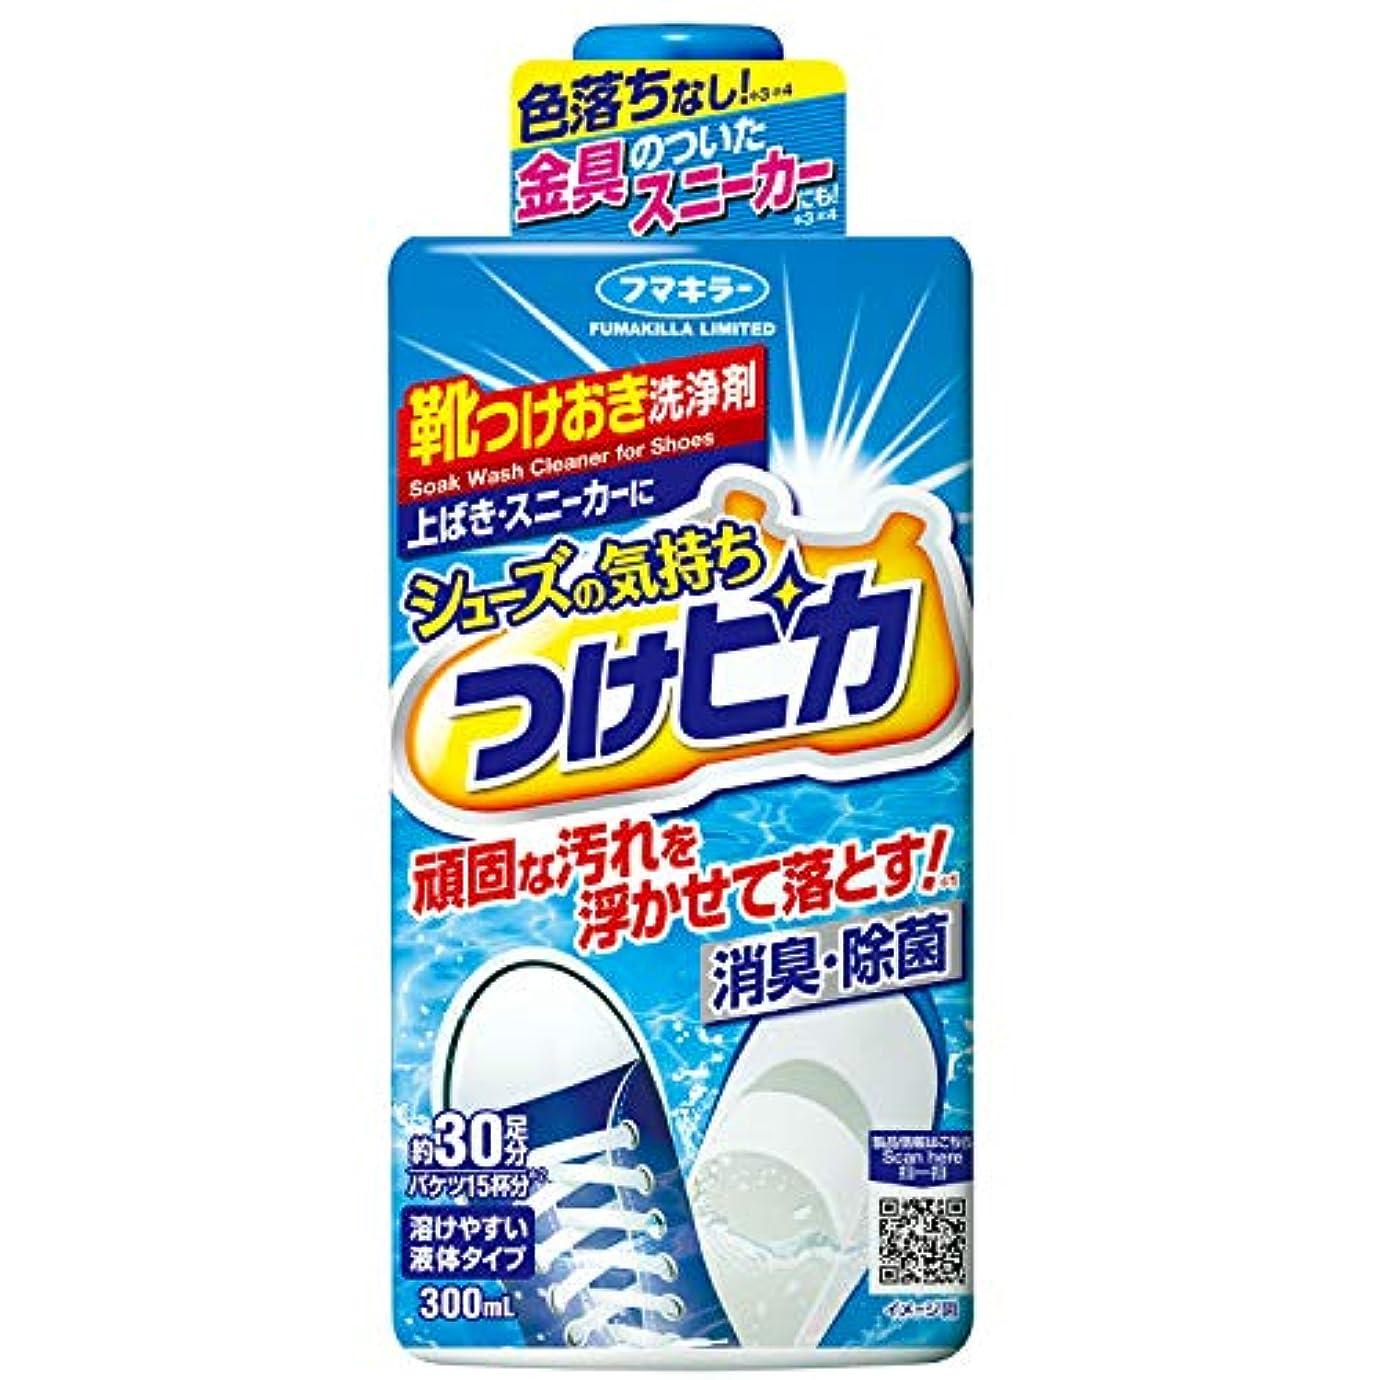 泥沼毛皮ヒープフマキラー 靴つけおき洗剤 シューズの気持ち つけピカ 300ml